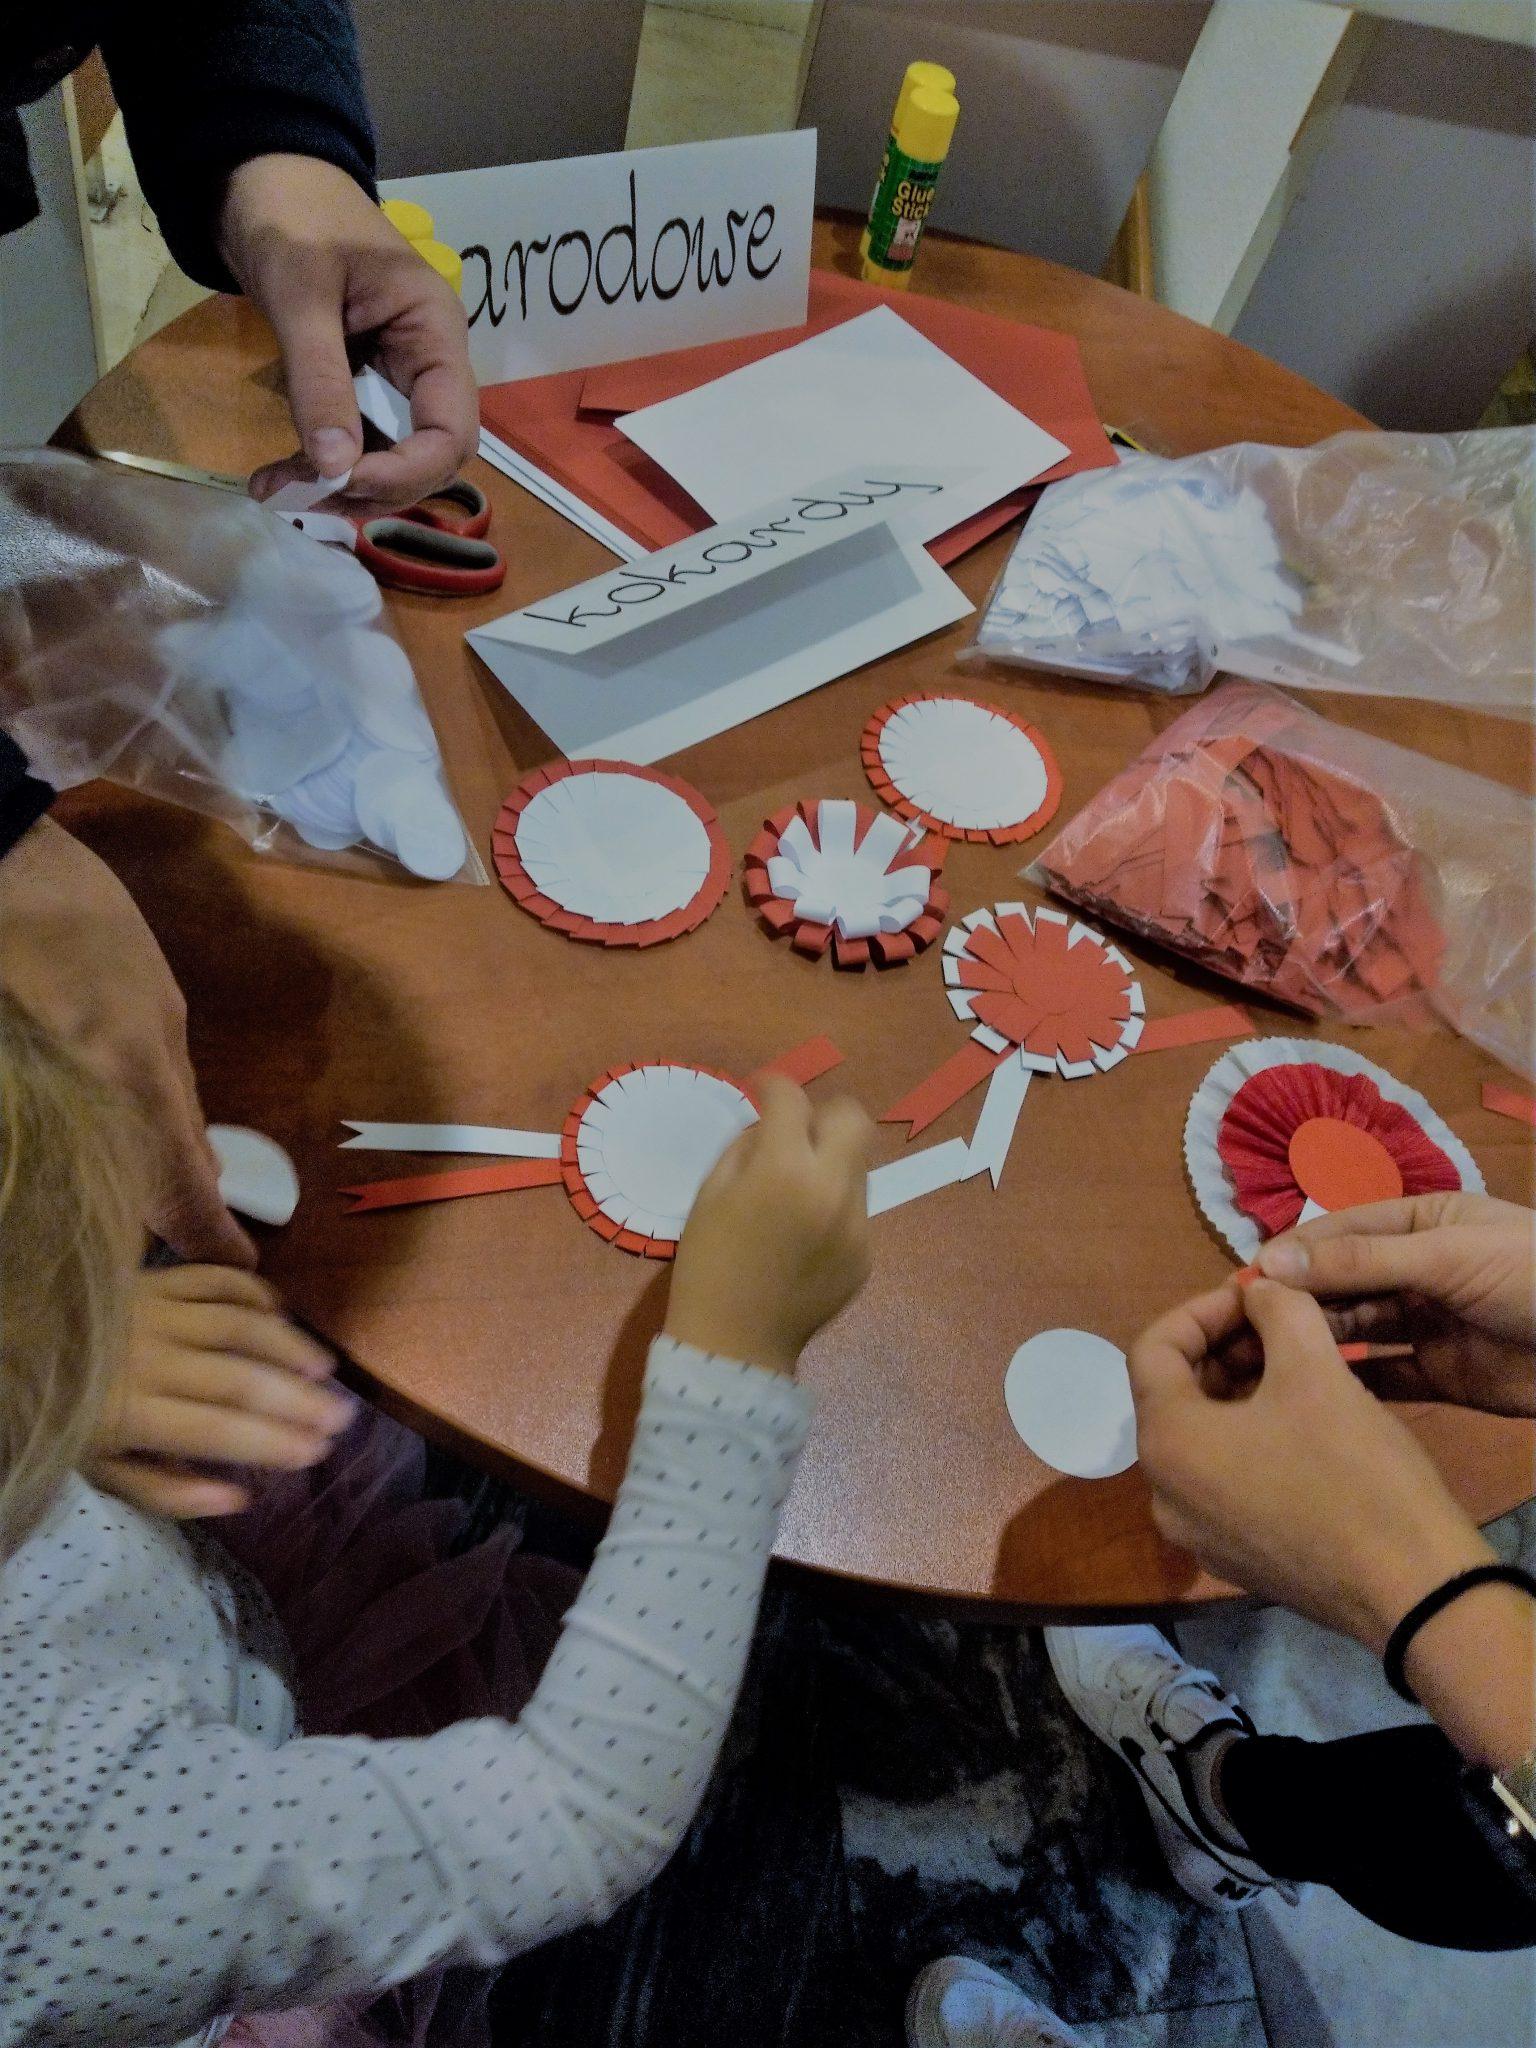 Na zdjęciu dłonie kilku osób wykonujących kokardy narodowe oraz pokazane kilka kokard w trakcie tworzenia.